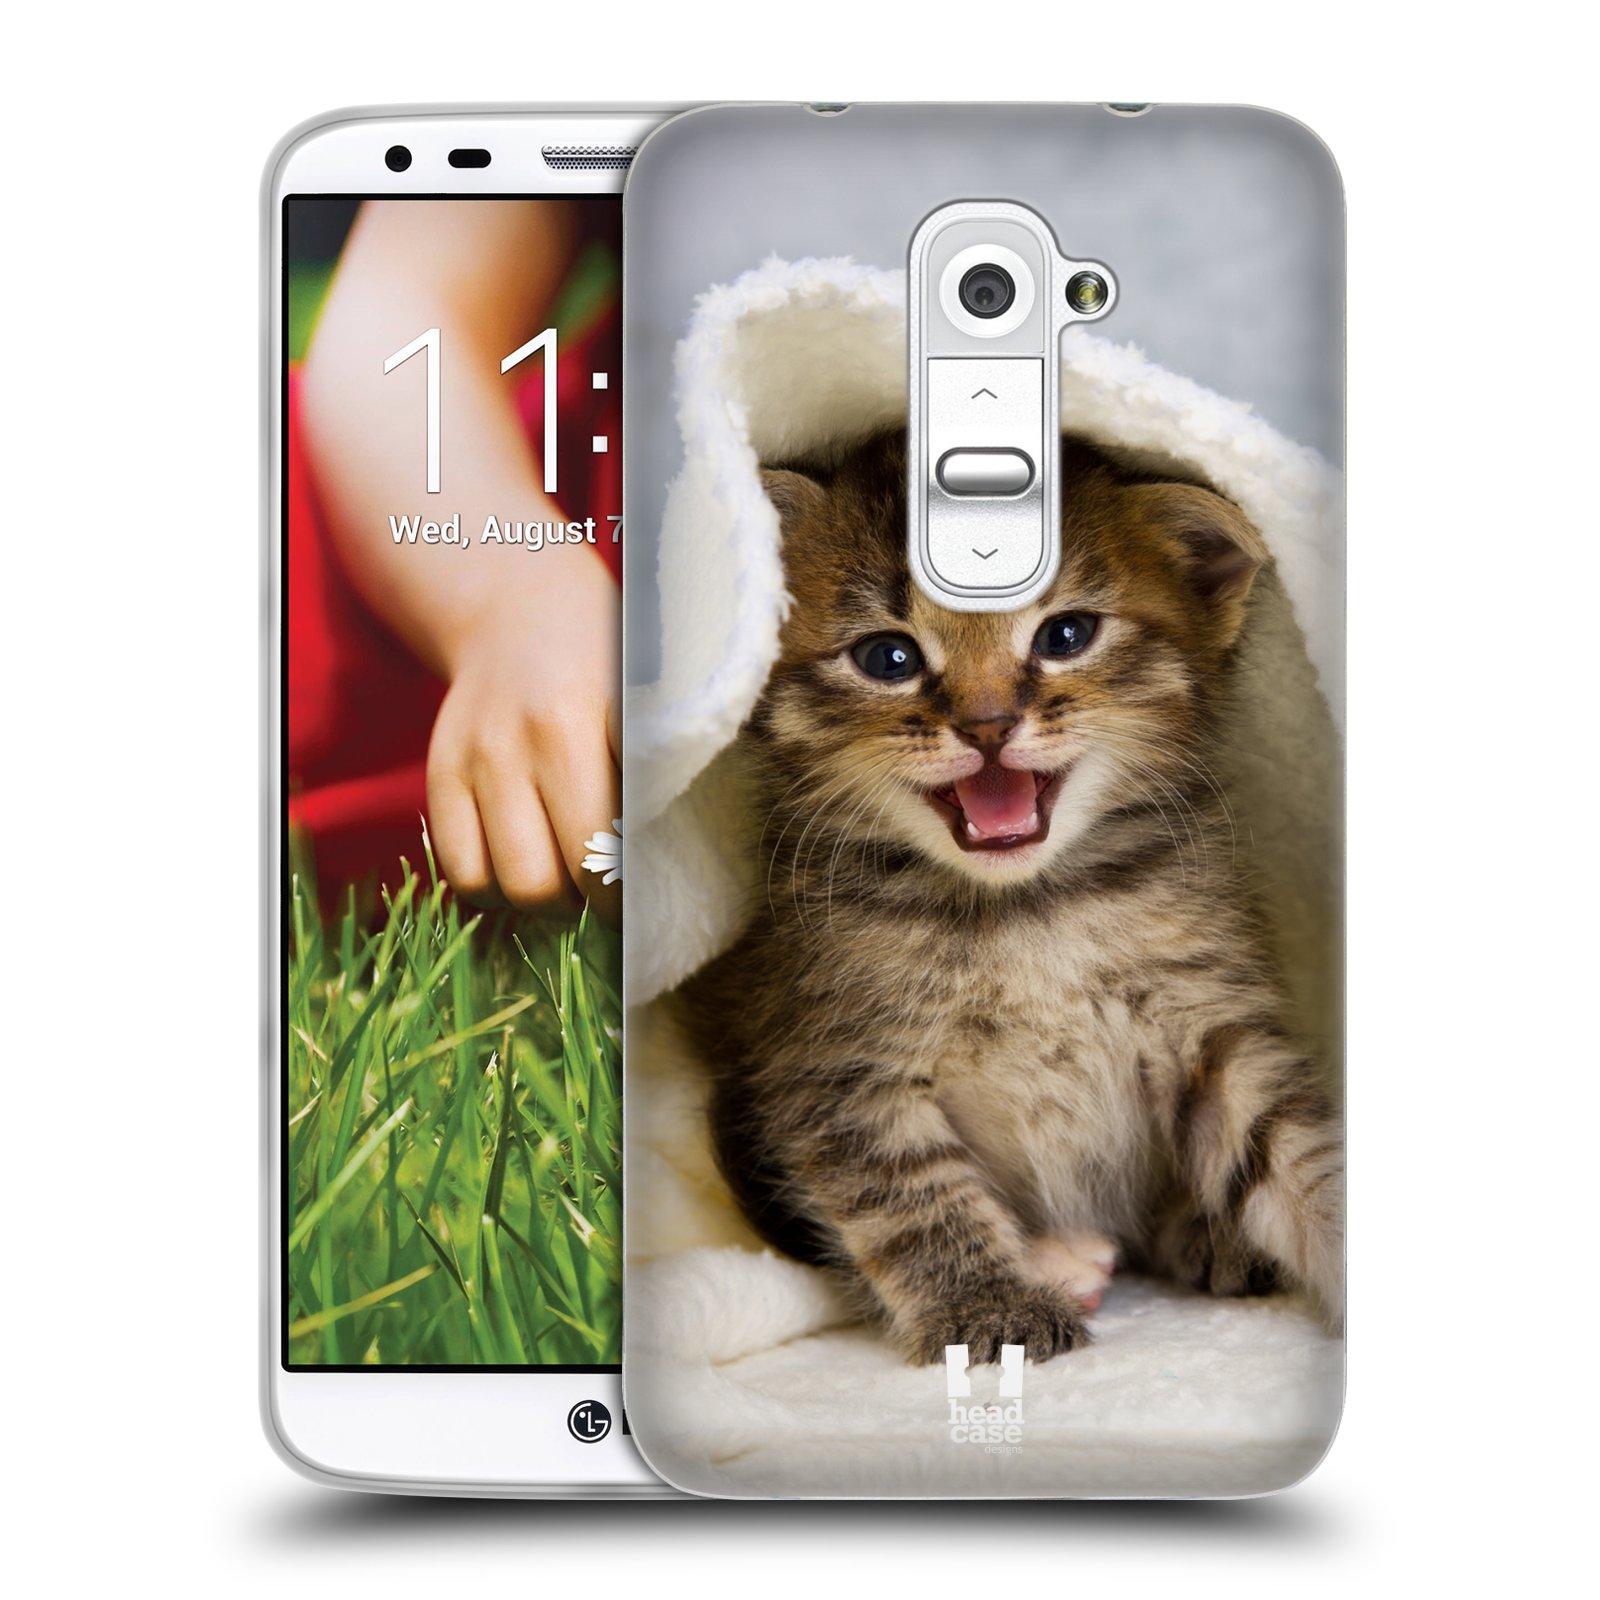 HEAD CASE silikonový obal na mobil LG G2 vzor Kočičky koťata foto kotě v ručníku